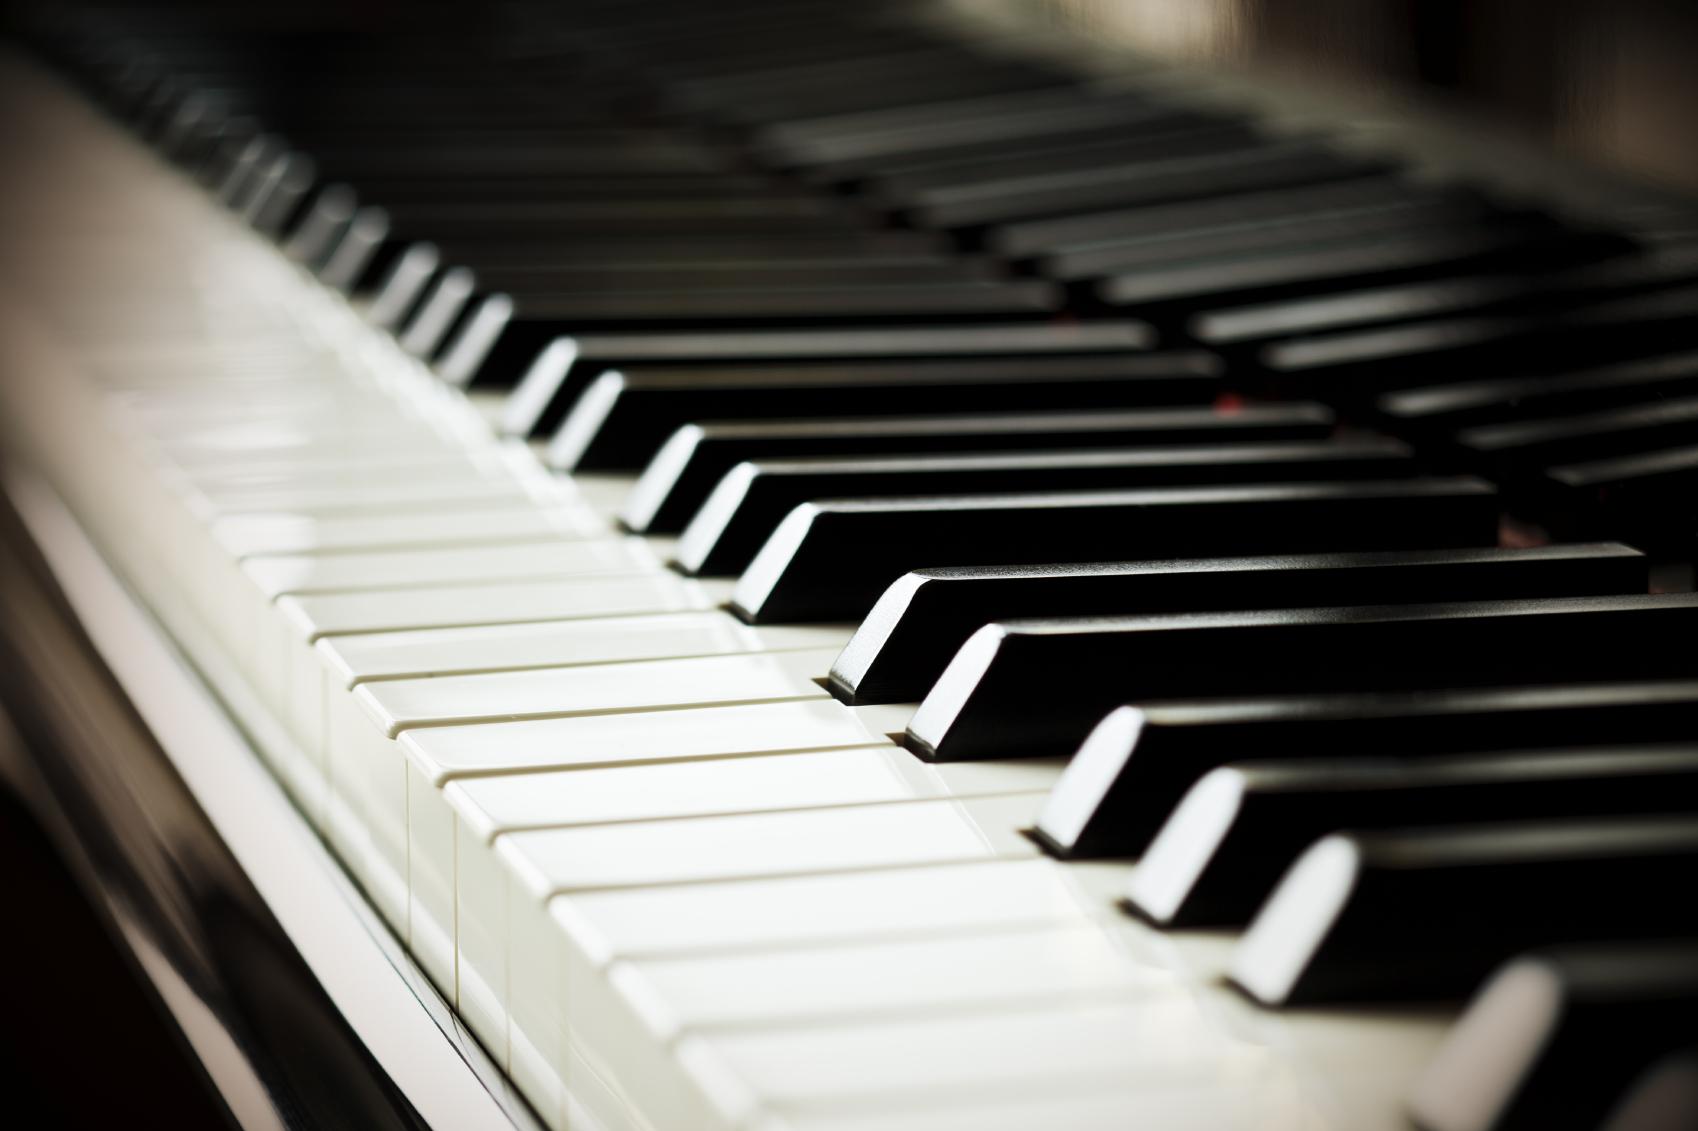 wofcBUjlRHugdXFWU7ox_piano.jpg